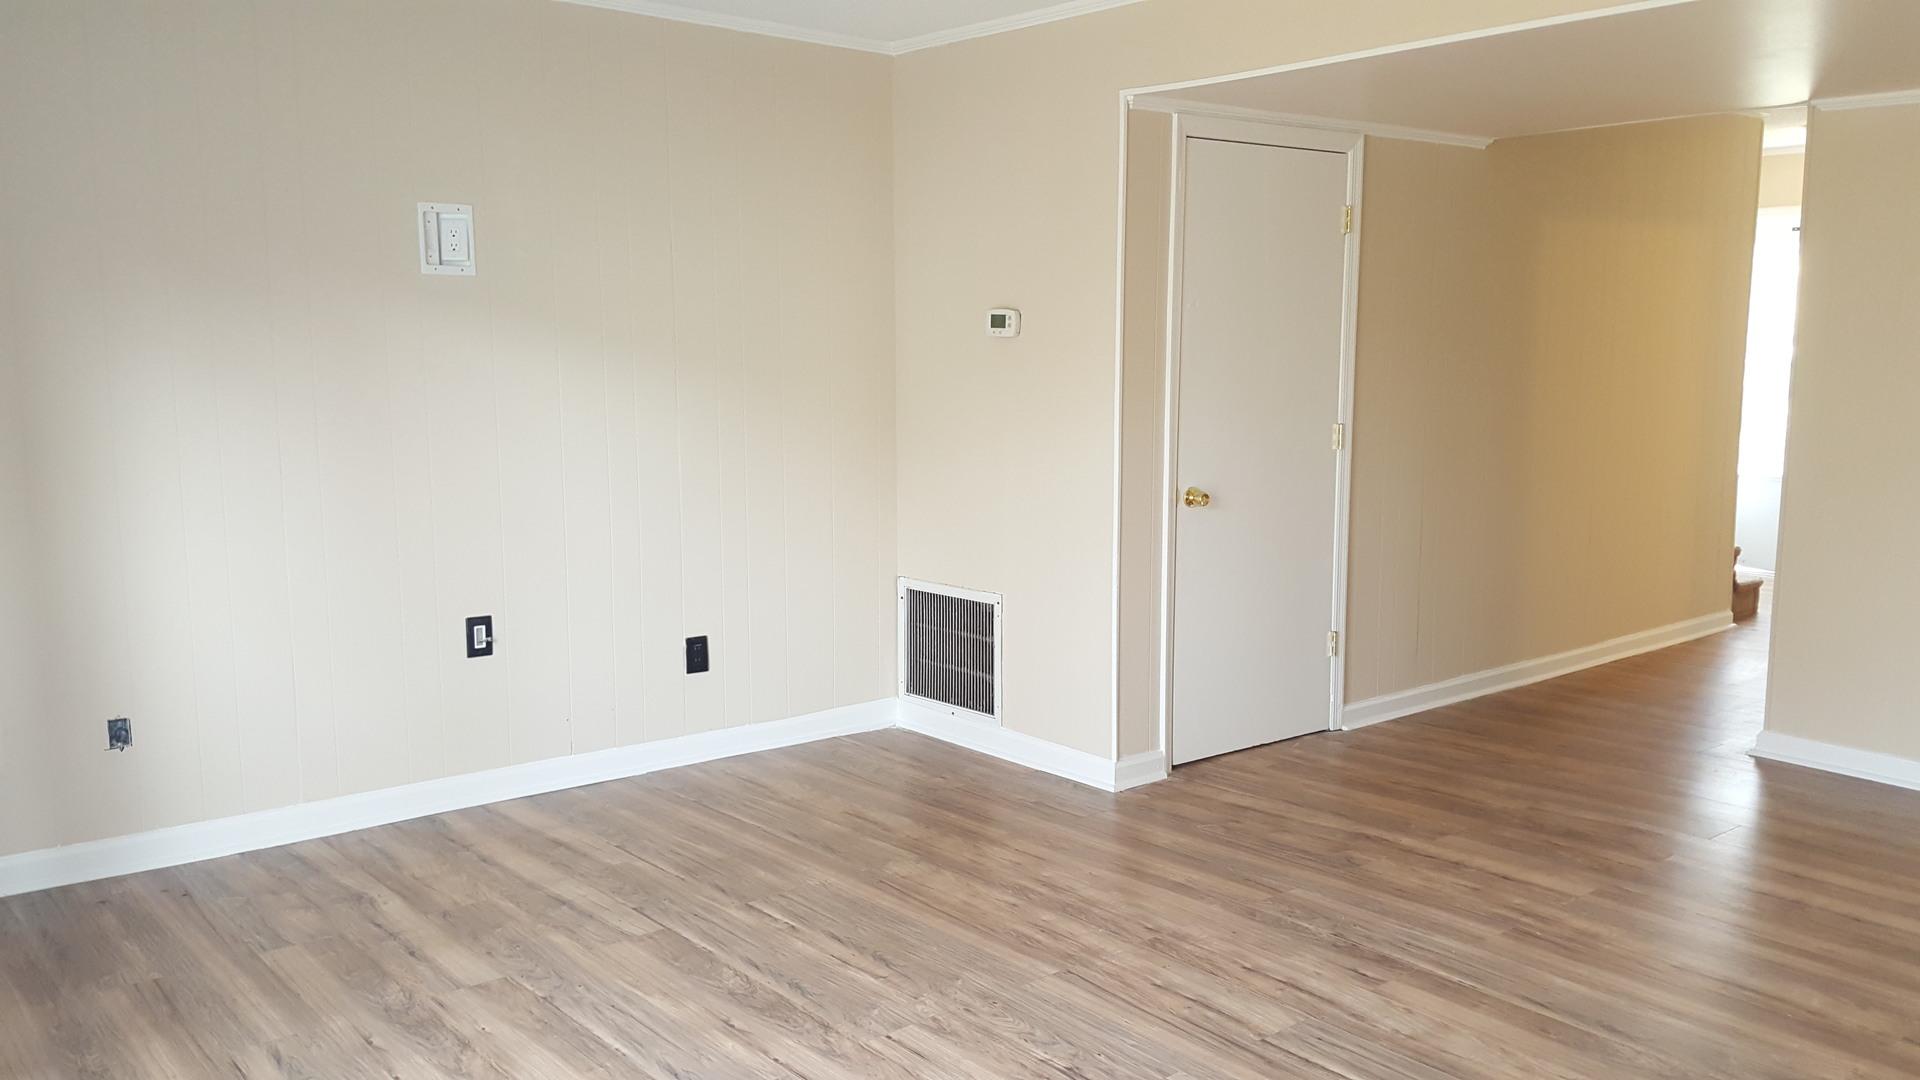 2 Bedroom Townhome W/ Wood Floors Long Term Rental